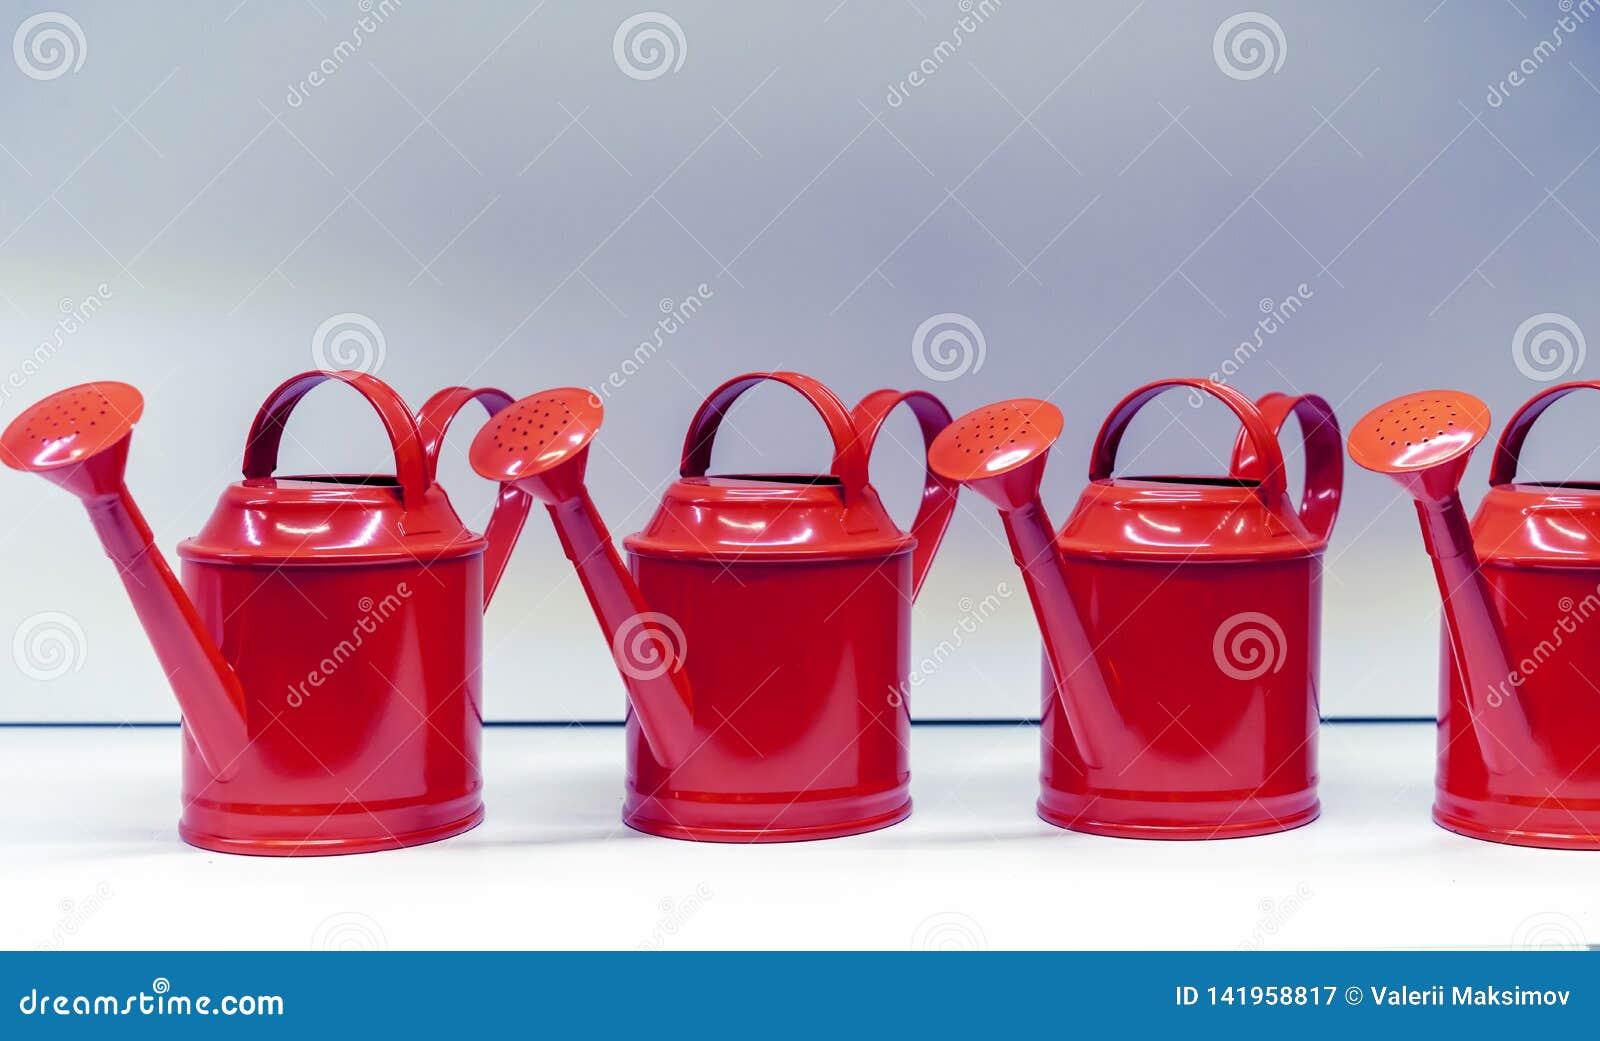 Metaal rode gieters voor het water geven van bloemen en installaties